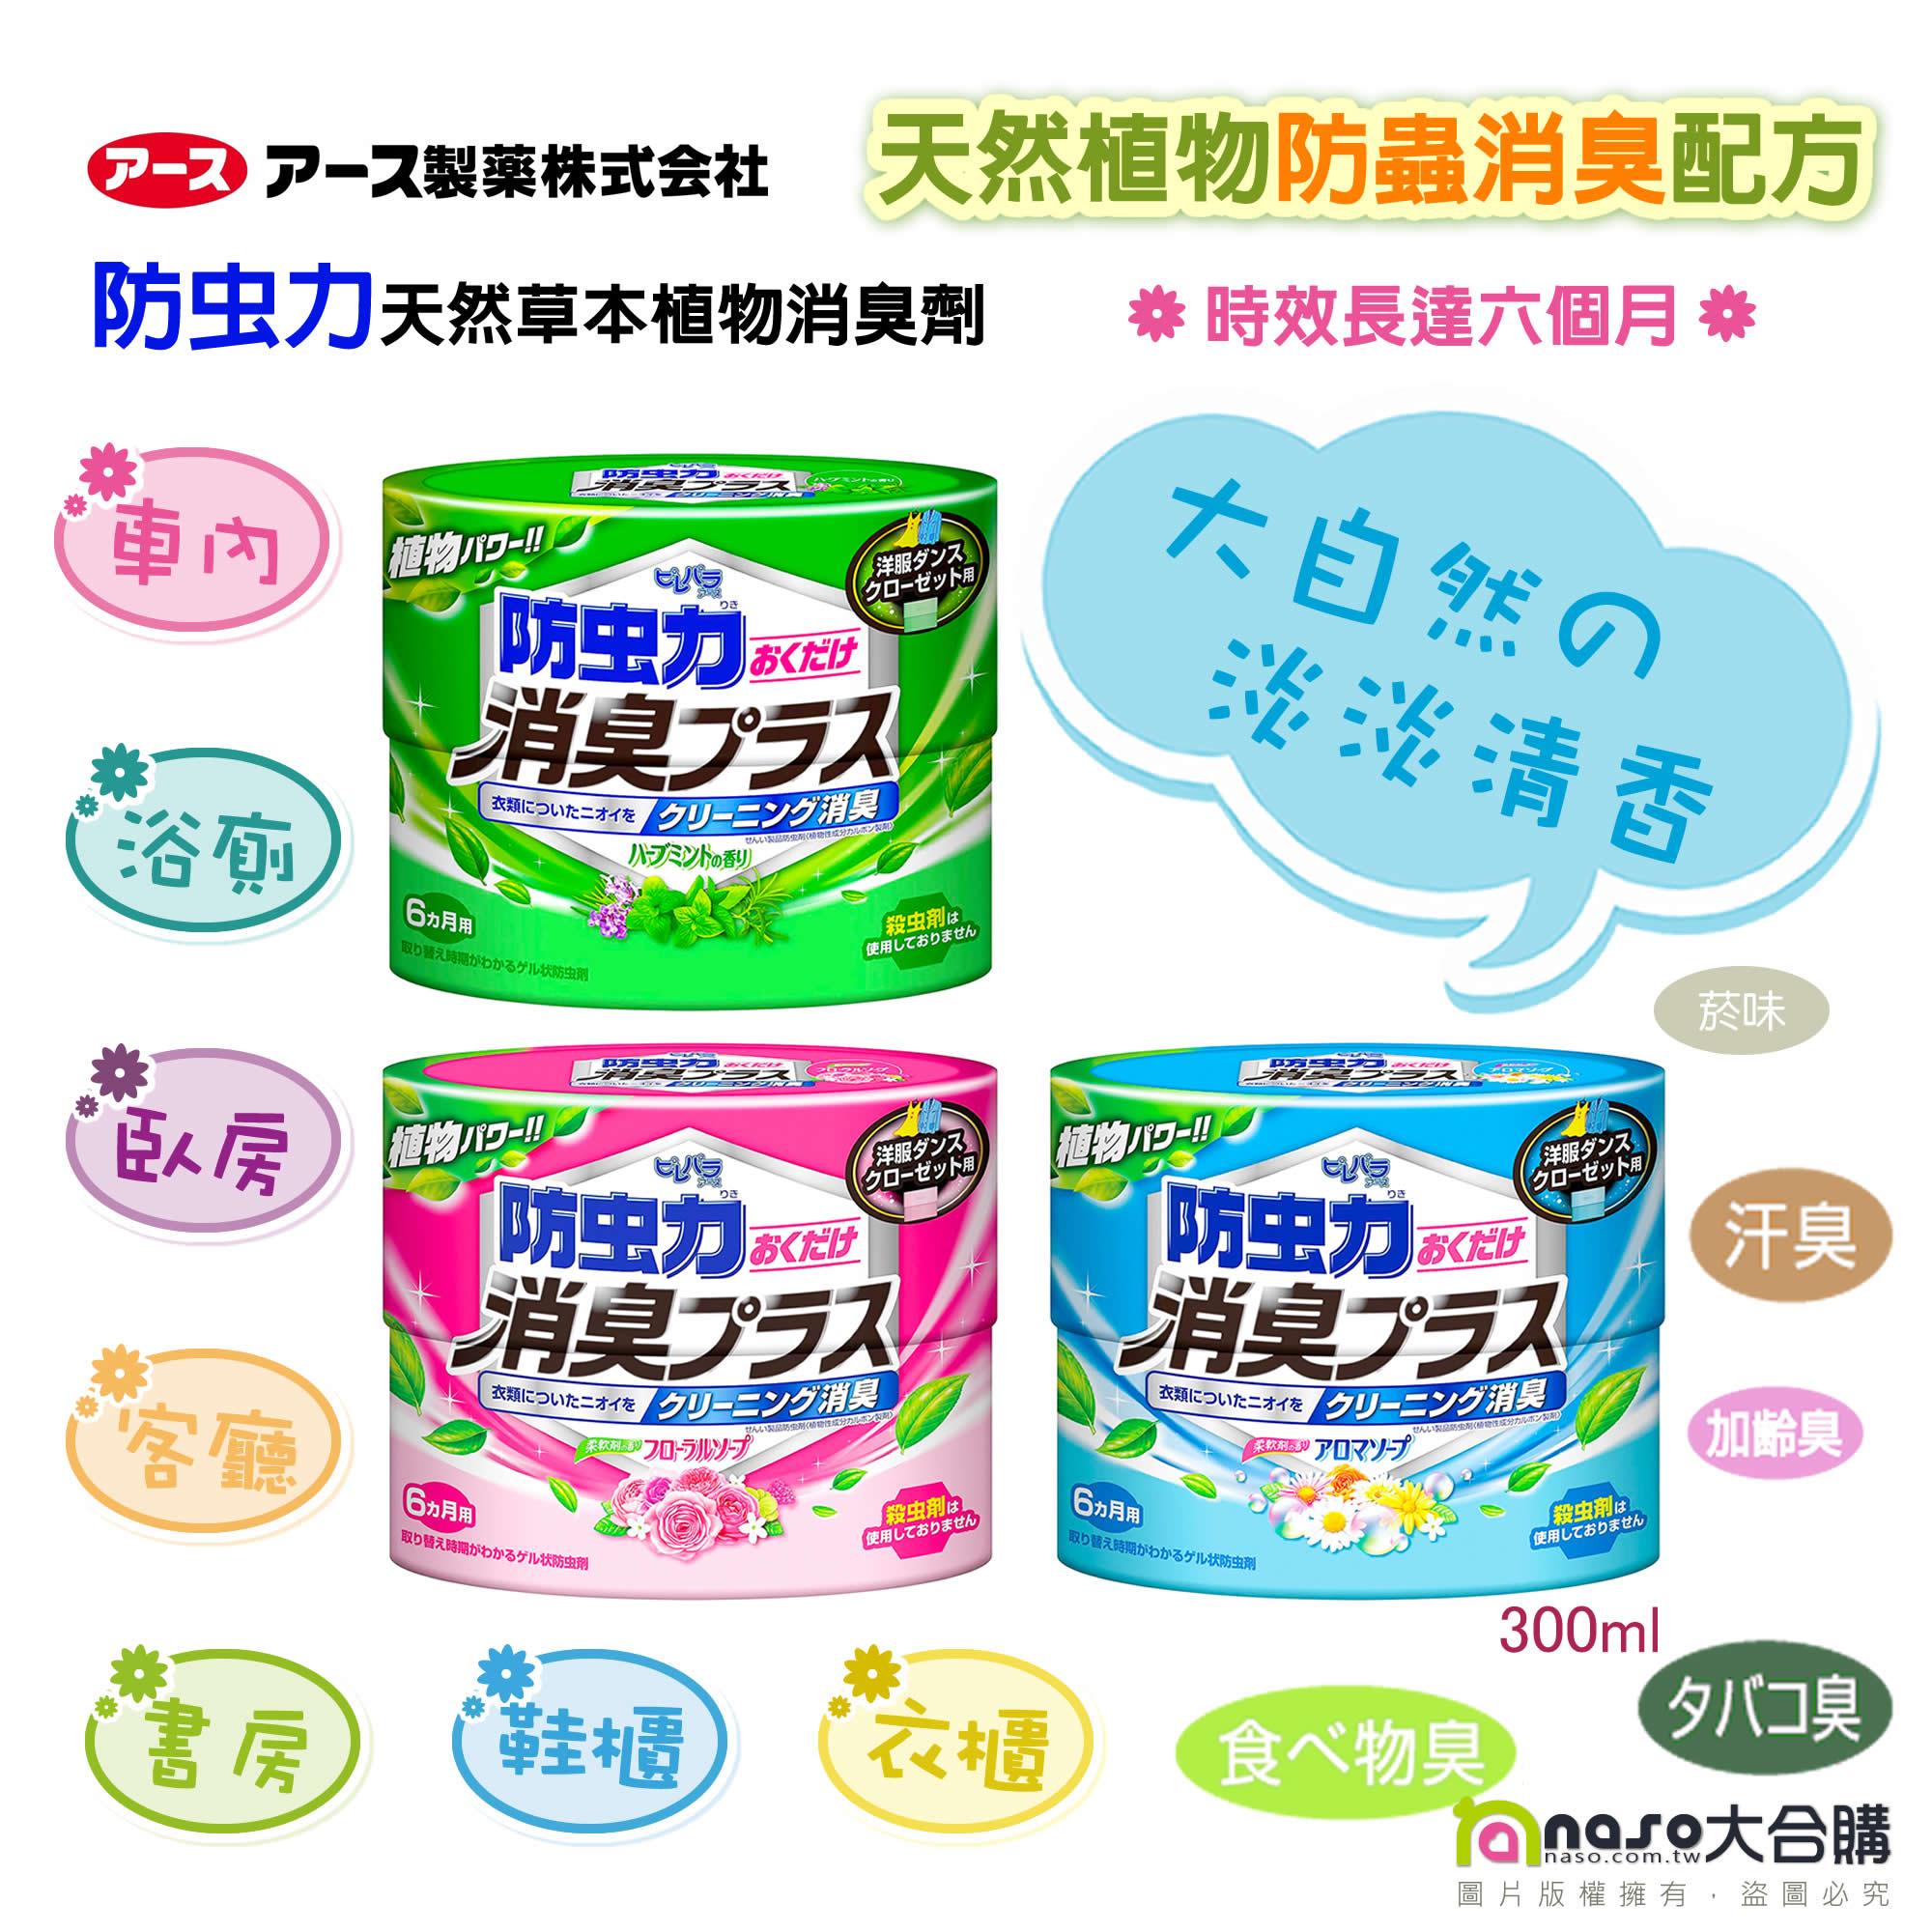 日本EARTH製藥 天然草本植物防蟲消臭劑 好評第13團